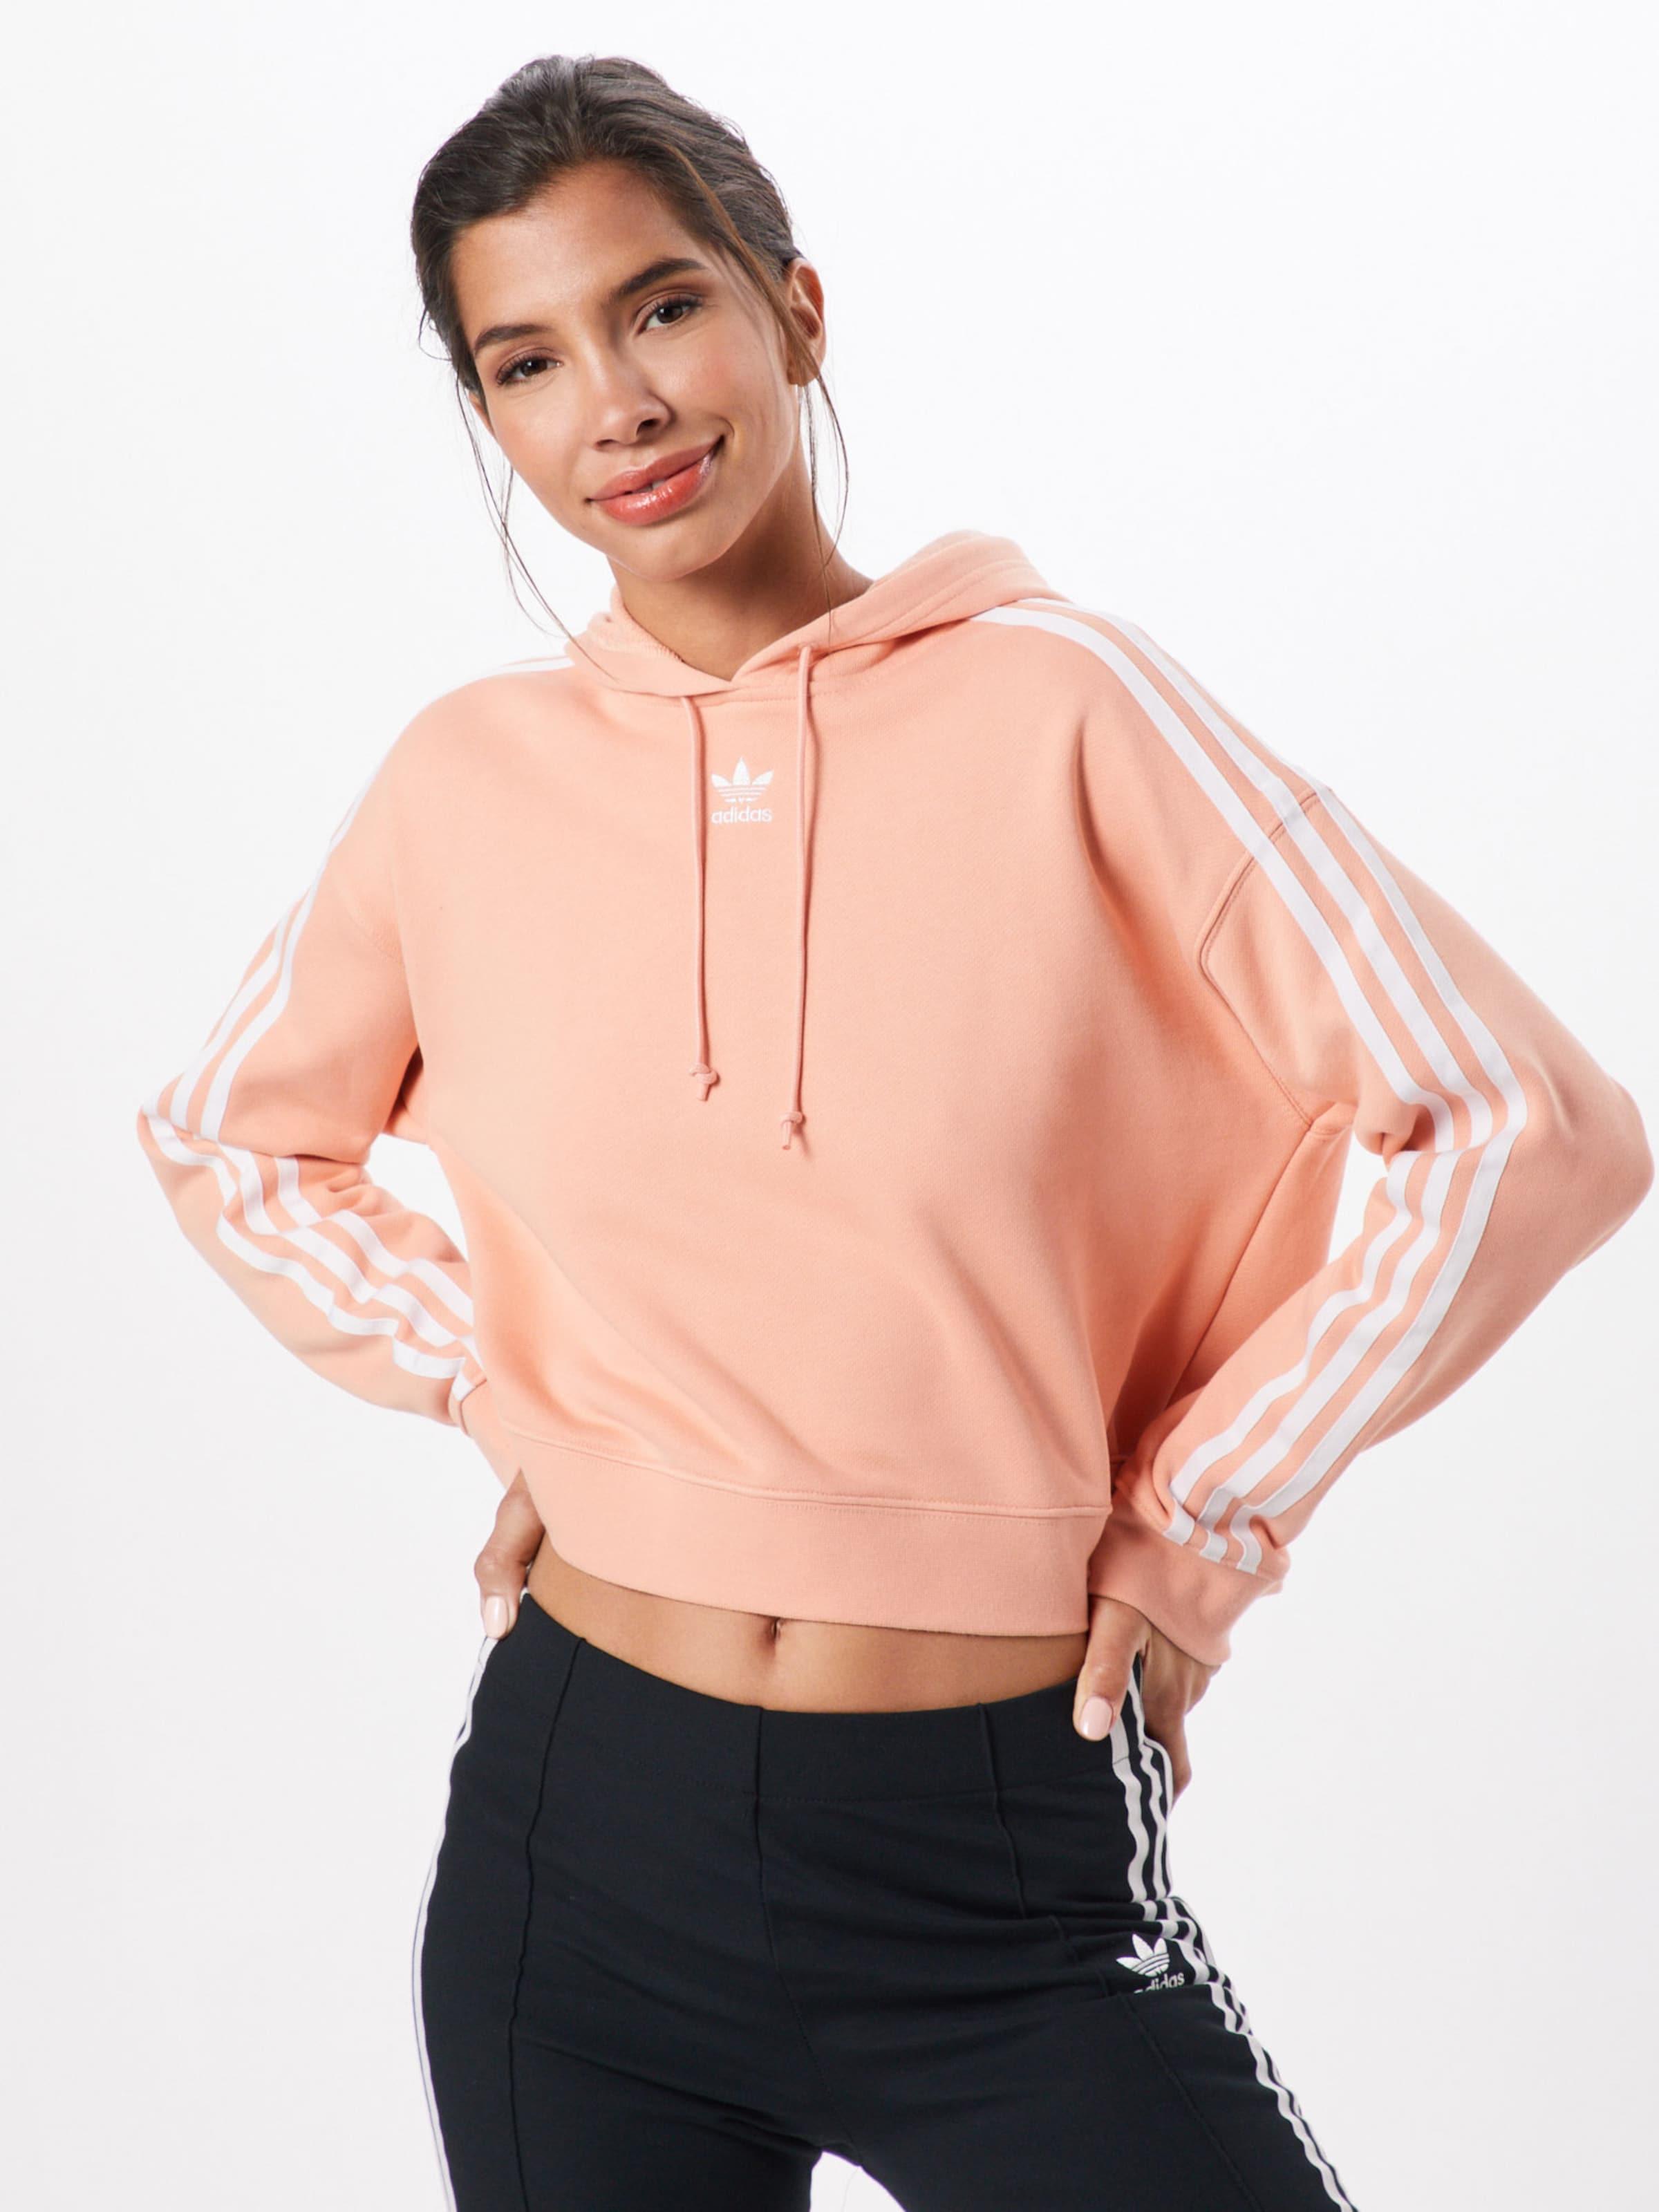 Sweatshirt RosaWeiß Sweatshirt In Adidas Originals Sweatshirt In Originals Adidas Adidas RosaWeiß Originals zMpLqGjSVU